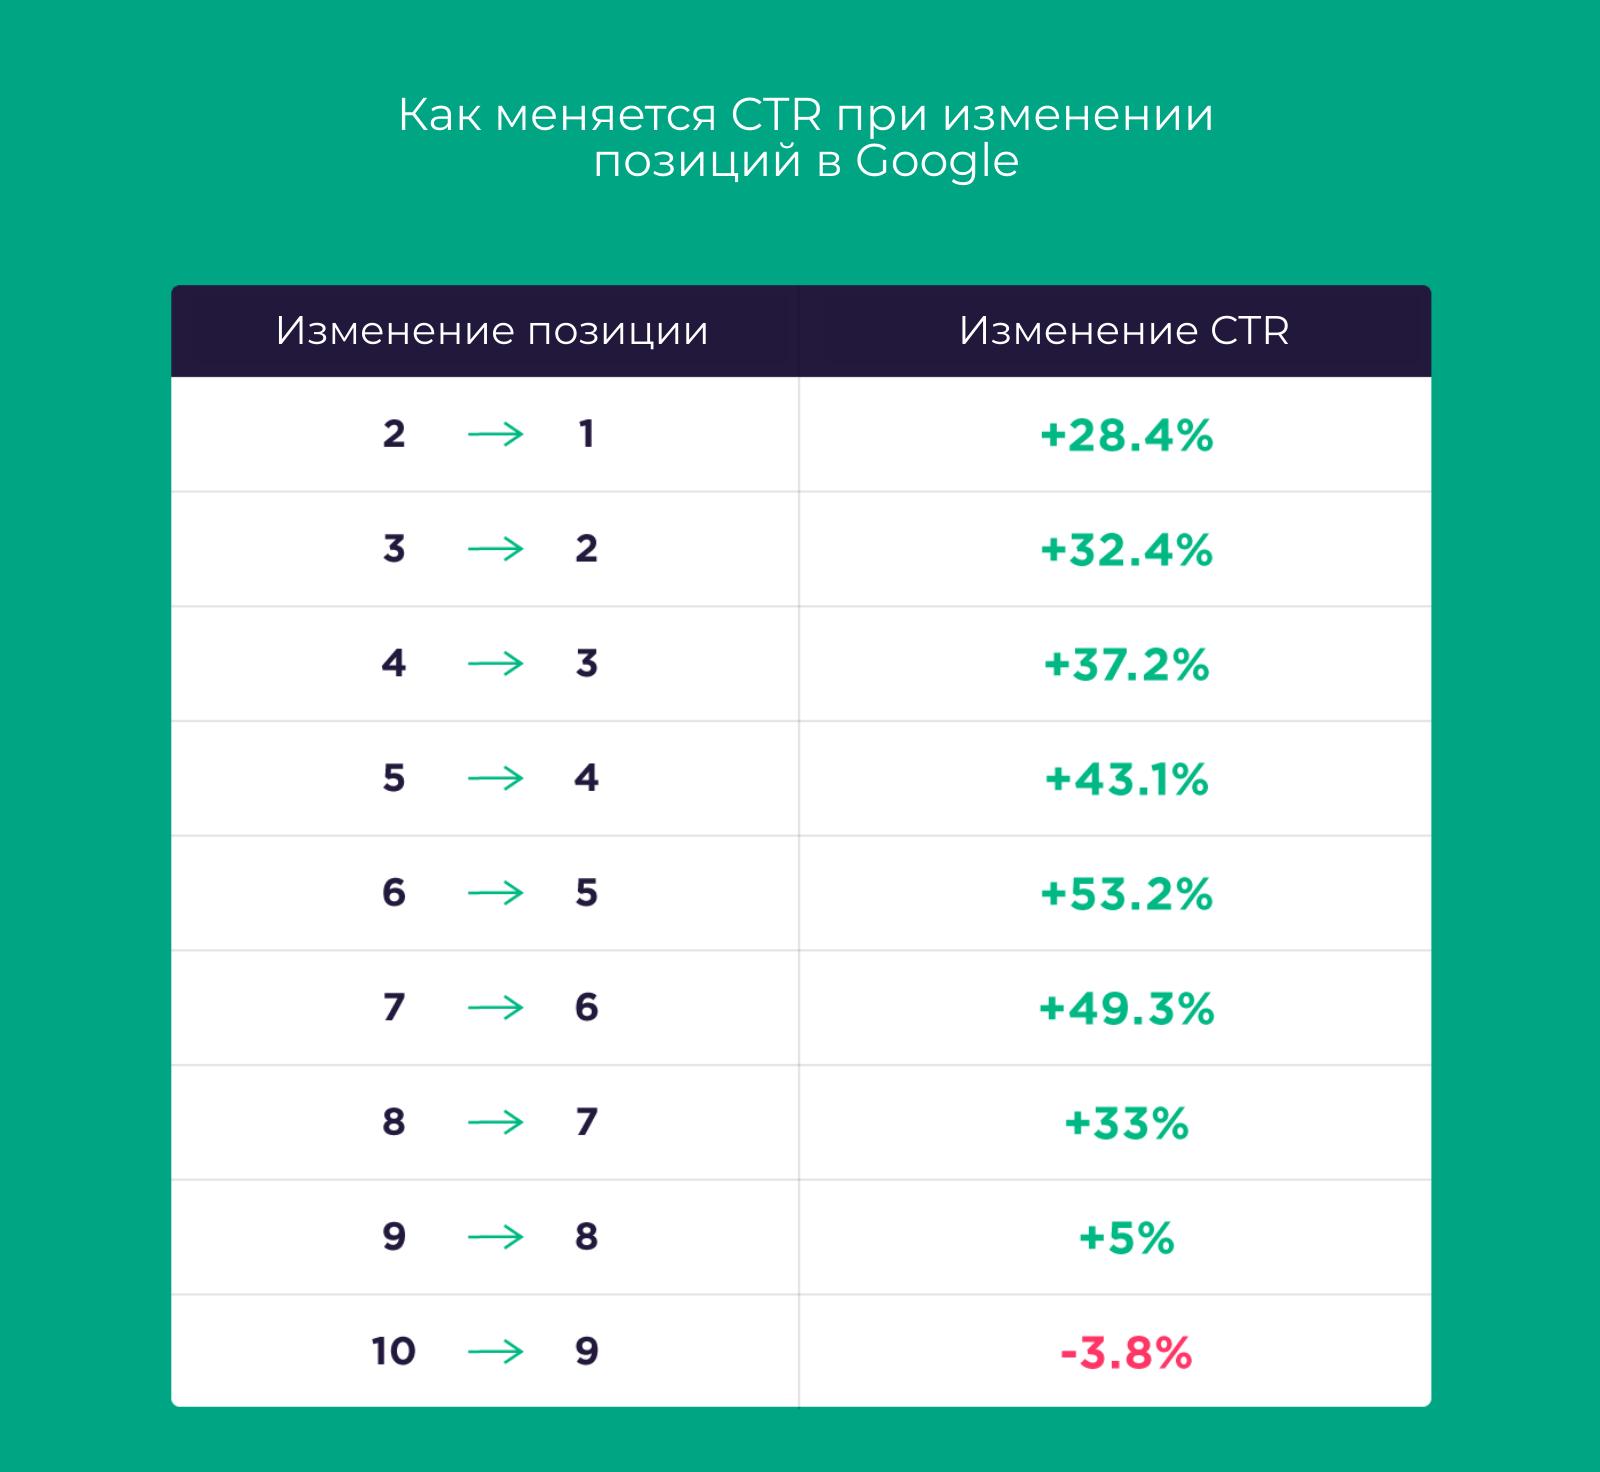 Рост CTR при изменении позиций в Google